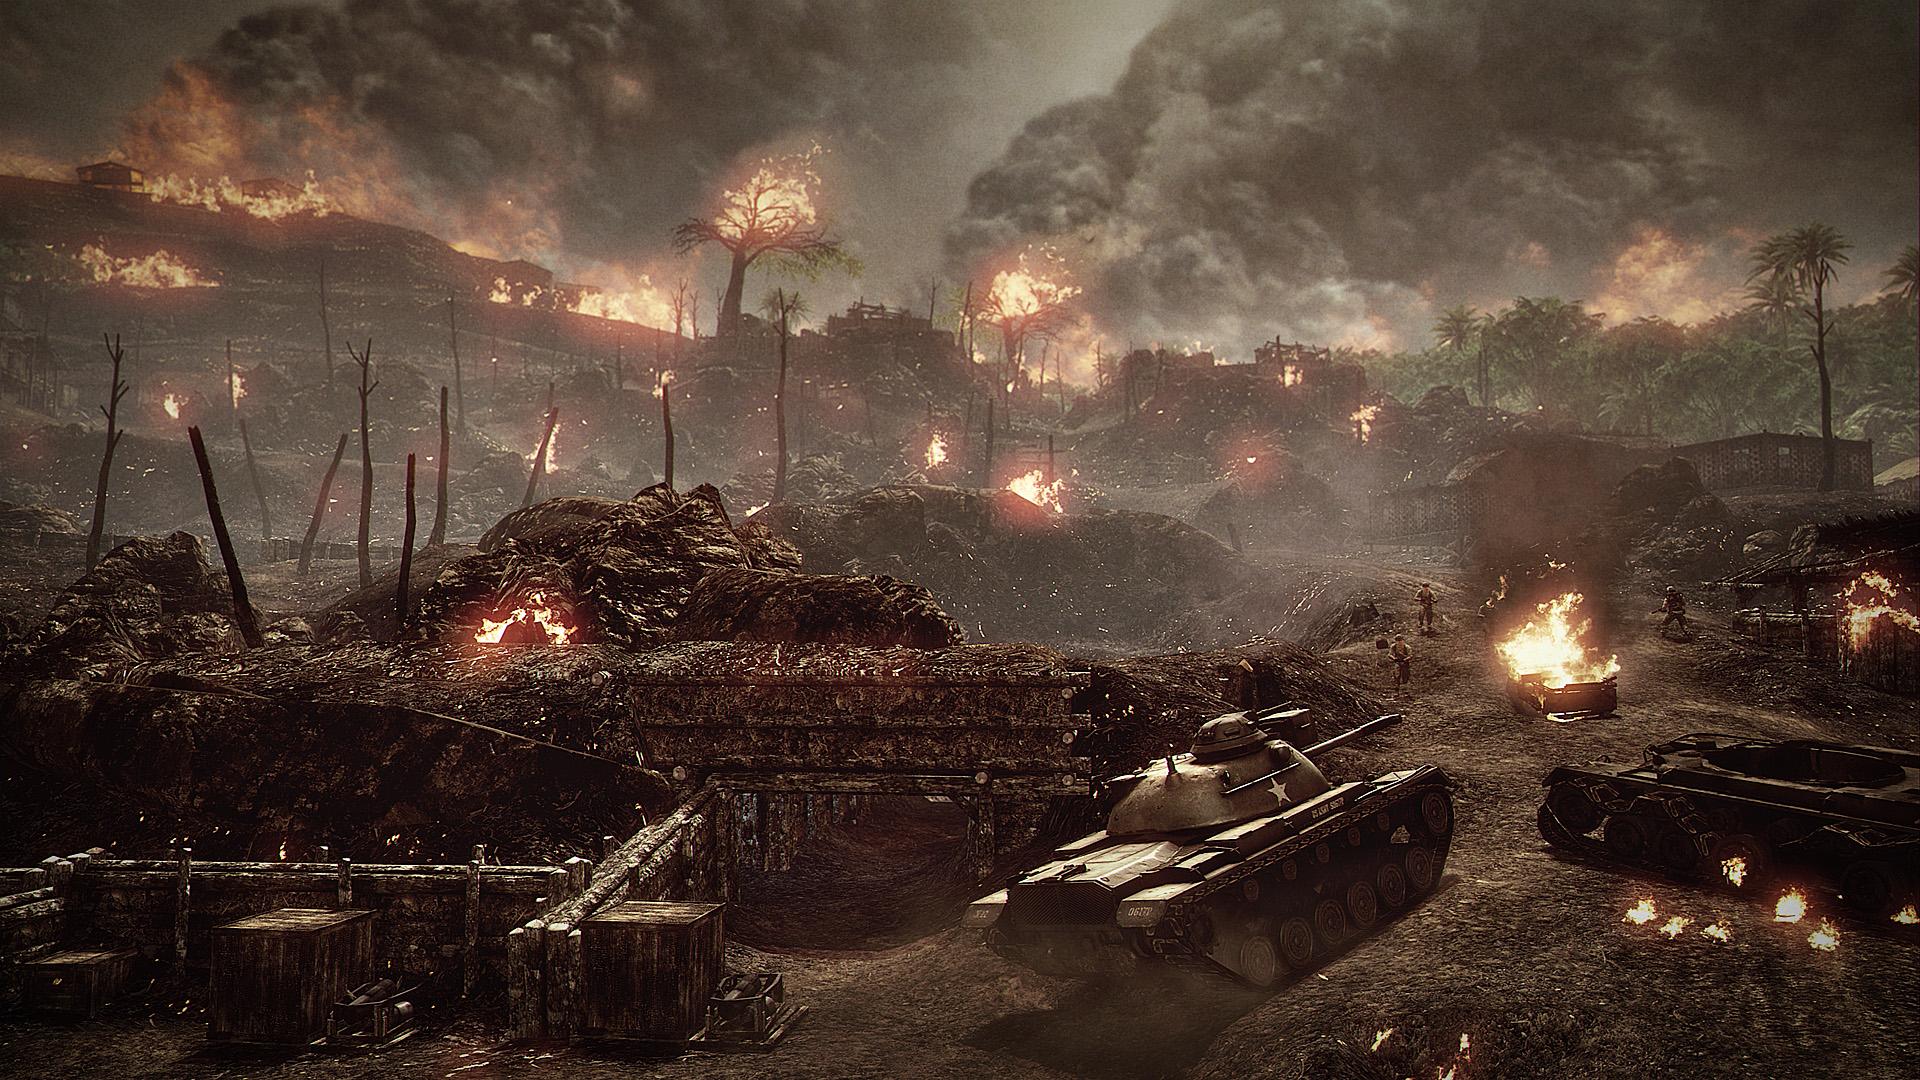 Battlefield Vietnam   Hill 137 02 Wallpaper 1920 x 1080 1920x1080